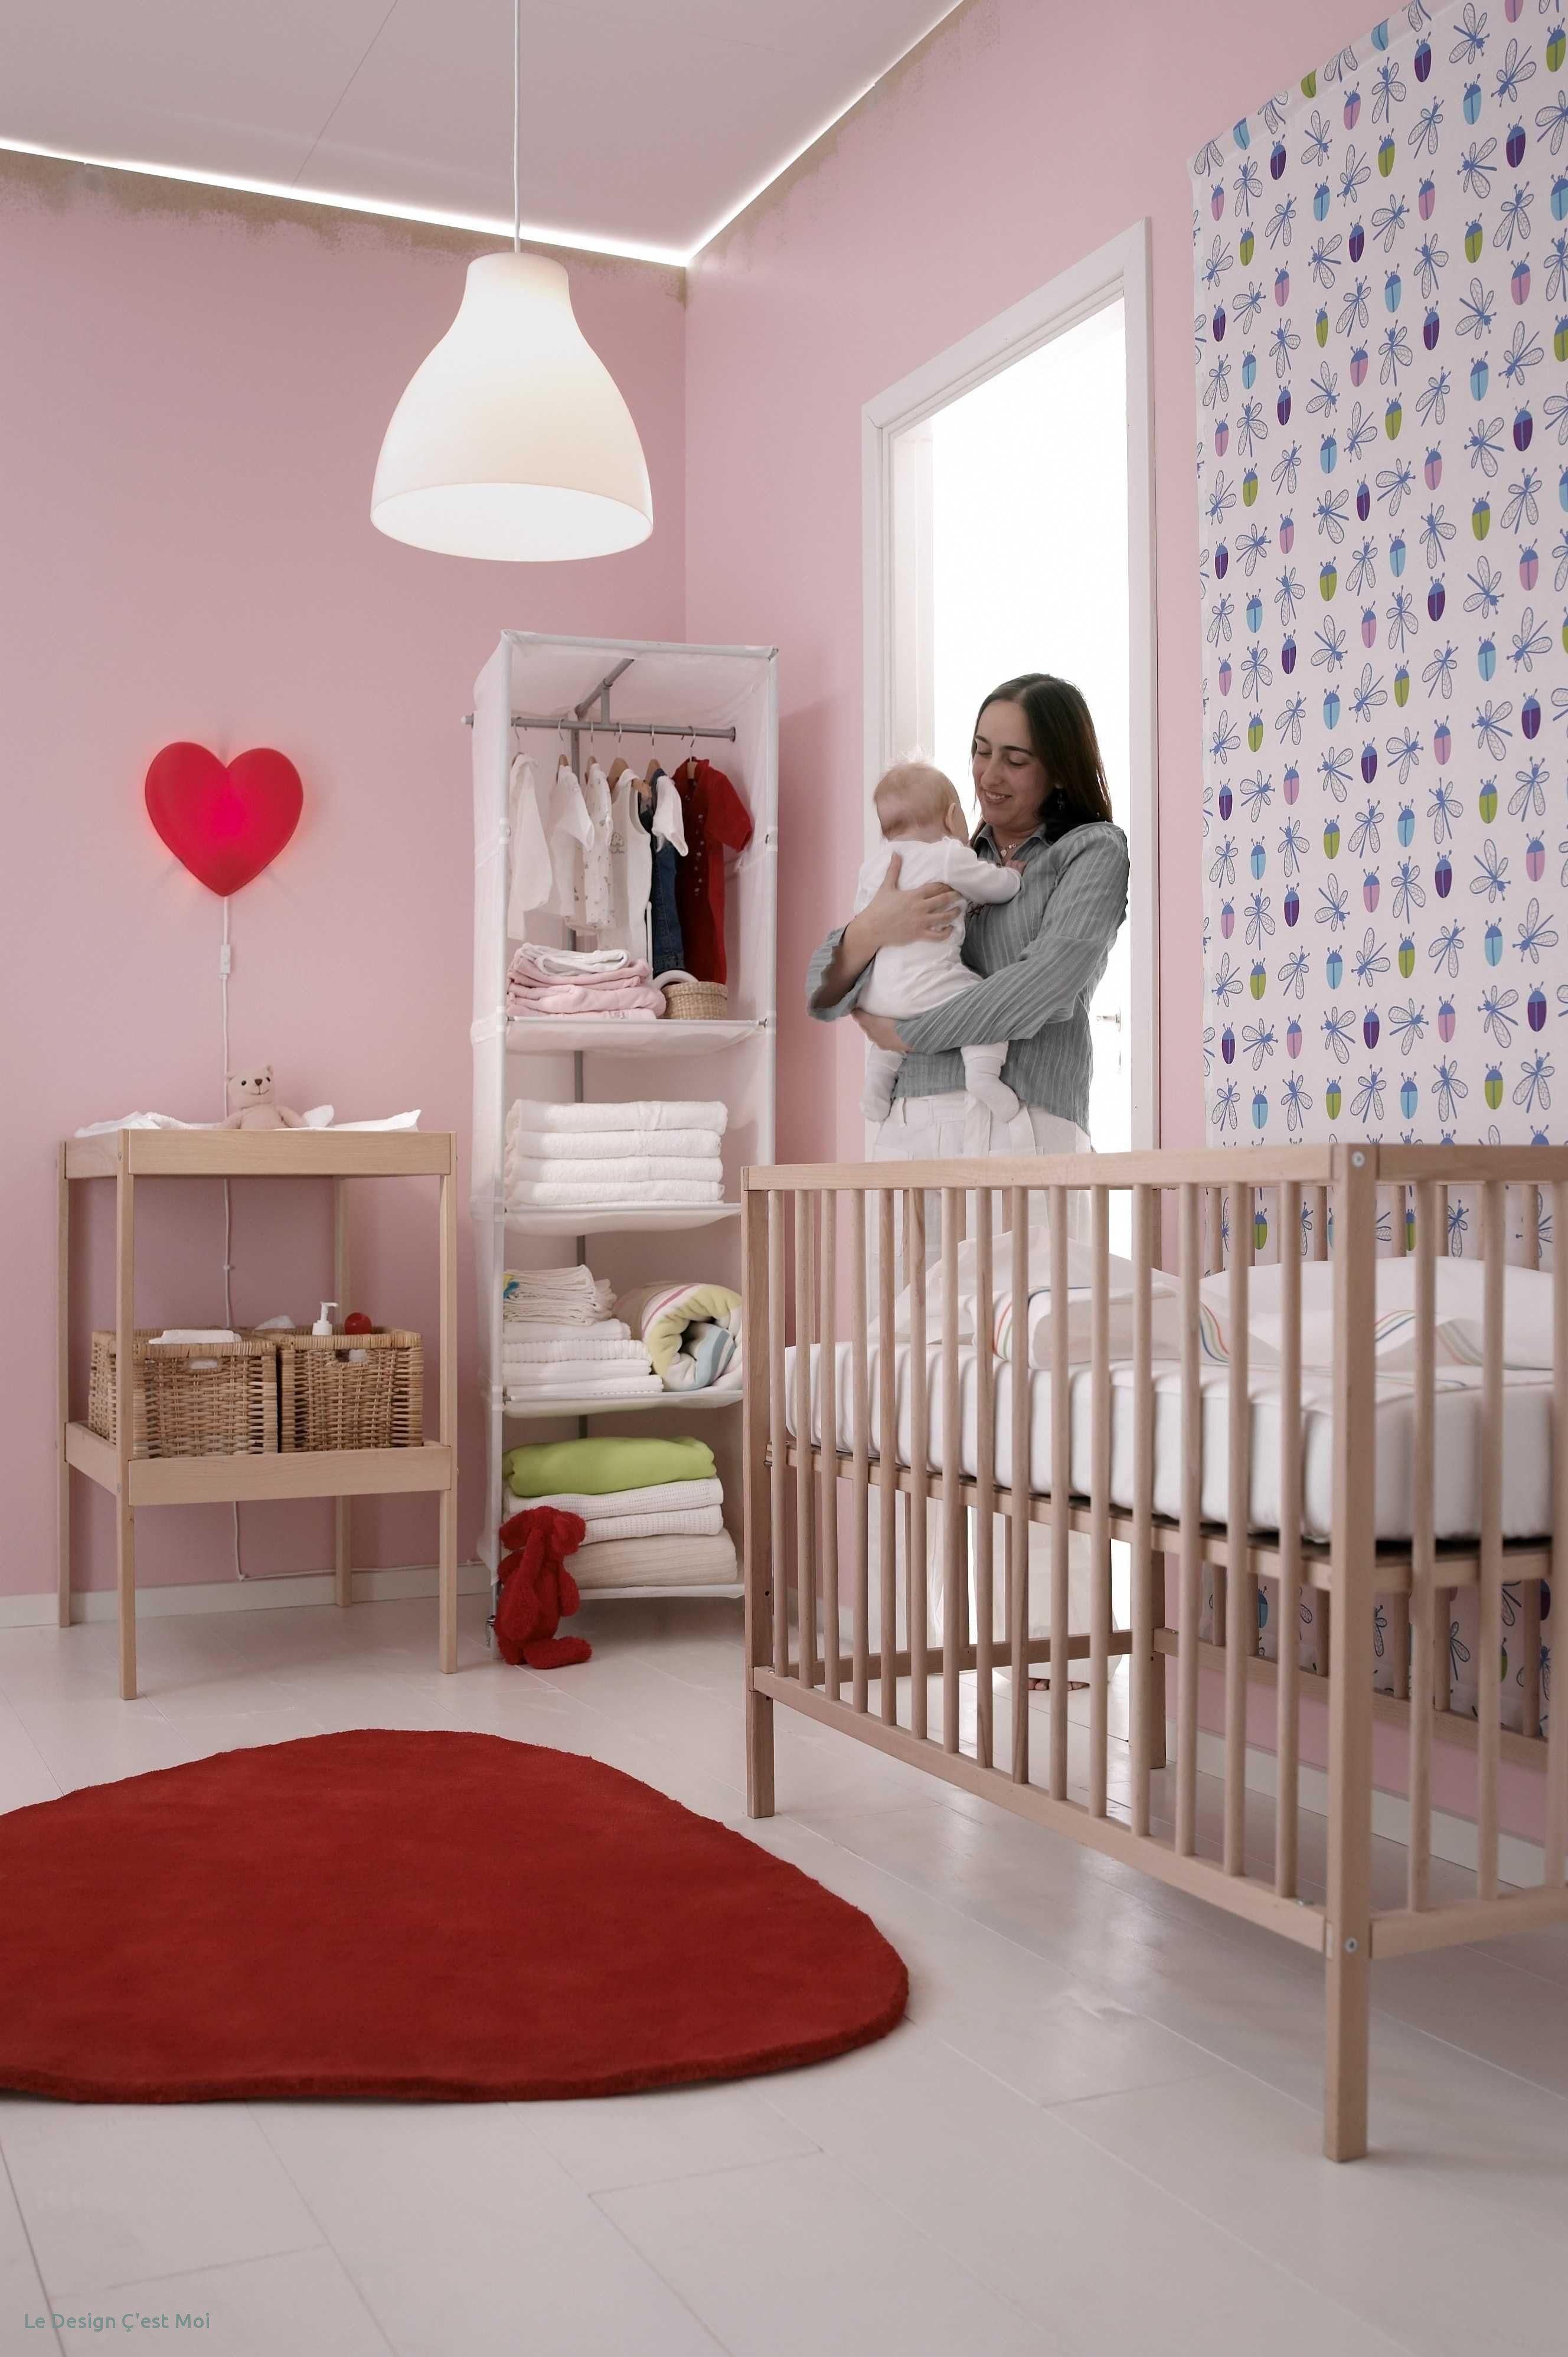 Lit Berceau Bébé De Luxe La Plus De Dément Idée Vis  Vis Exemple Chambre Bébé – Le Design ‡